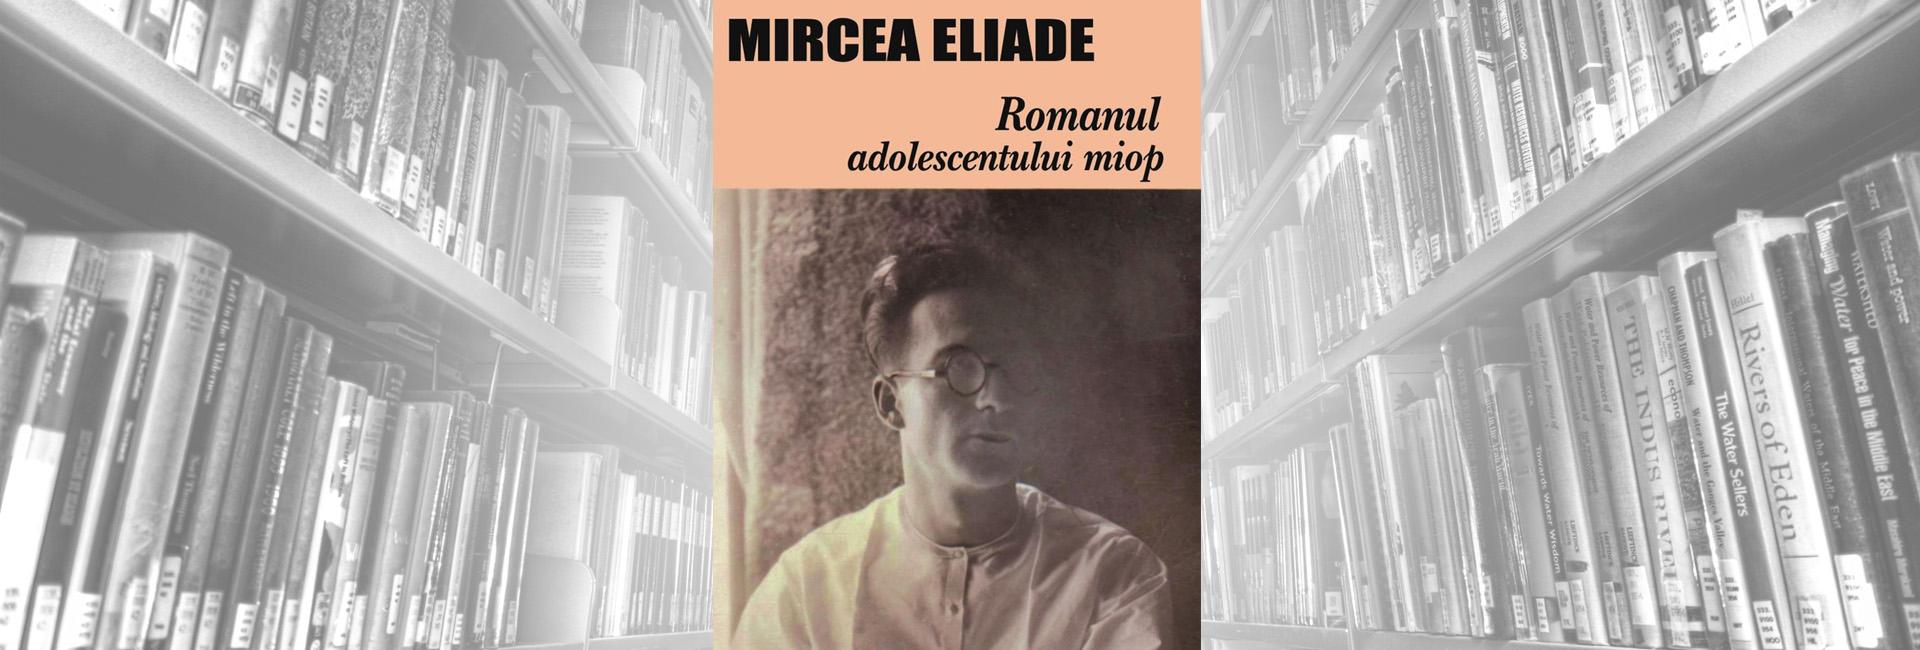 recenzie roman Mircea Eliade Romanul adolescentului miop jurnal de tinereţe slider